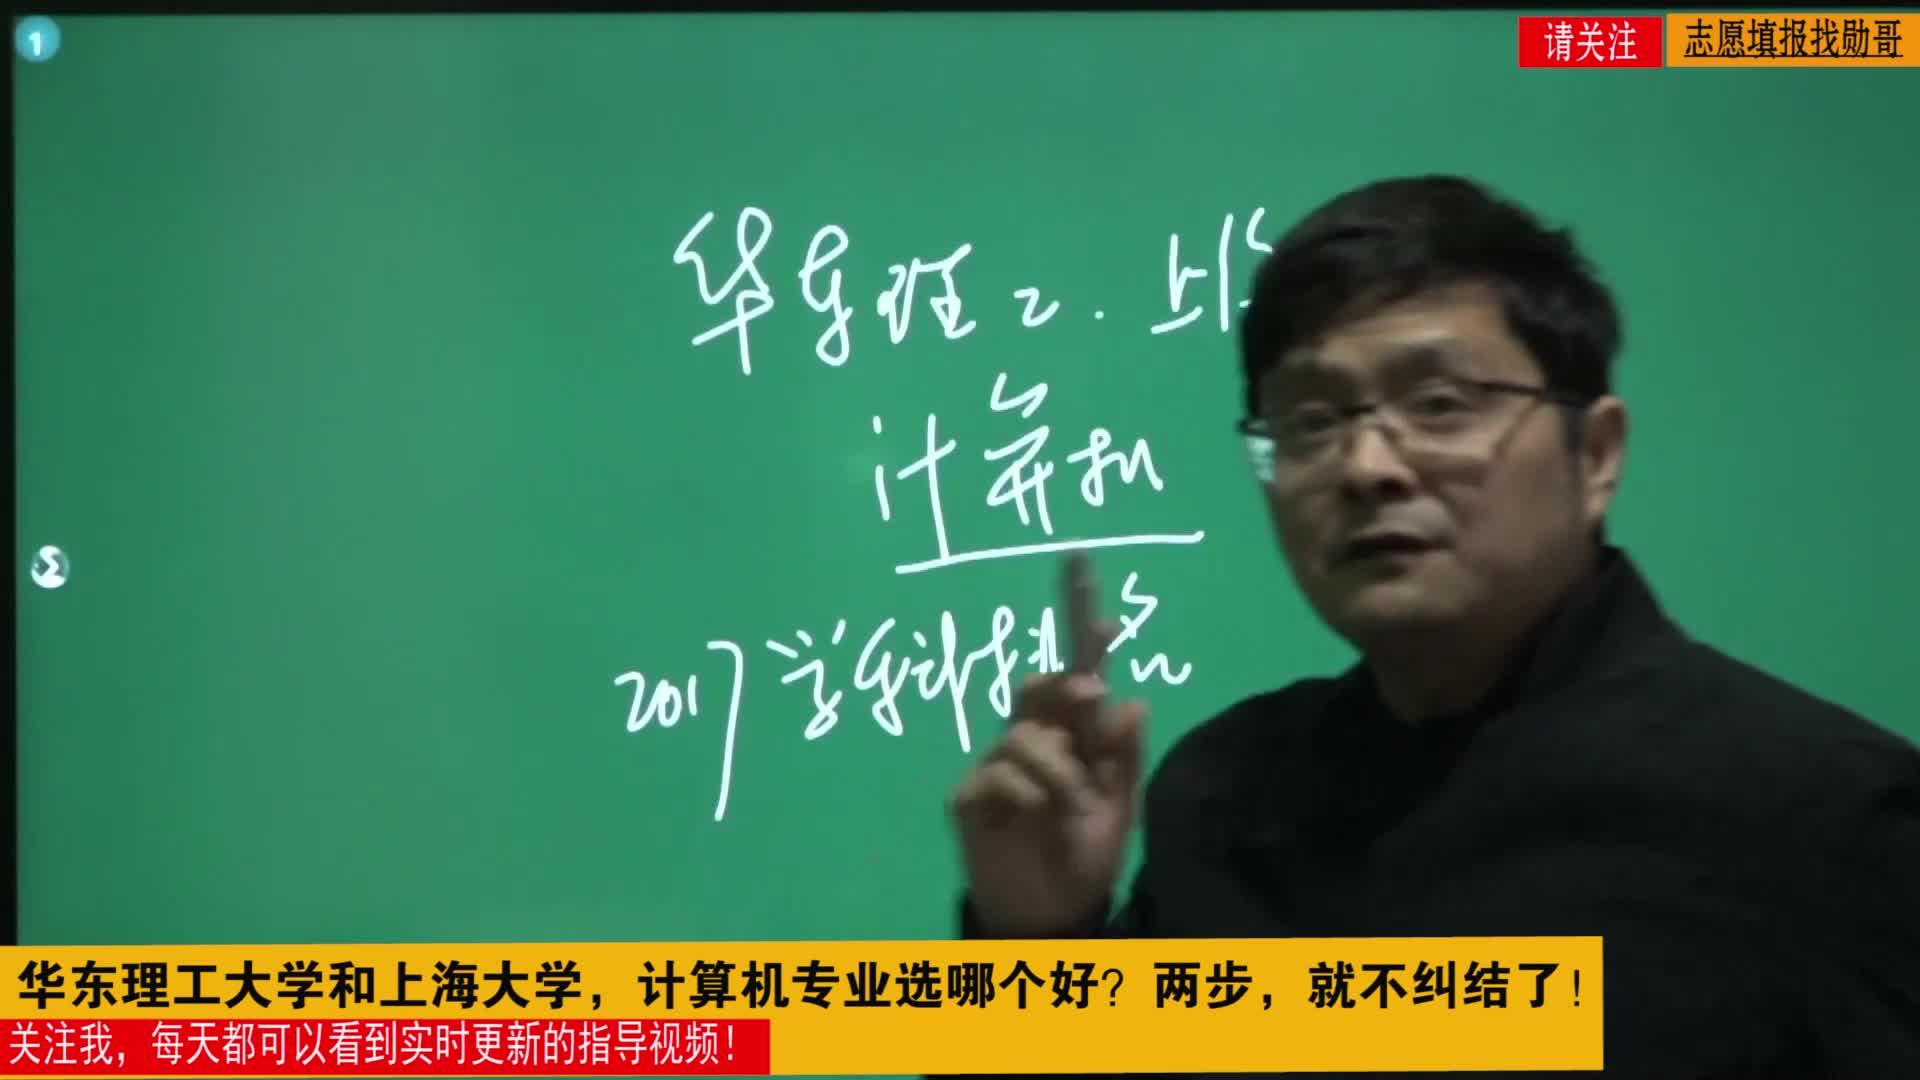 华东理工大学和上海大学计算机专业选哪个好两步就不纠结了